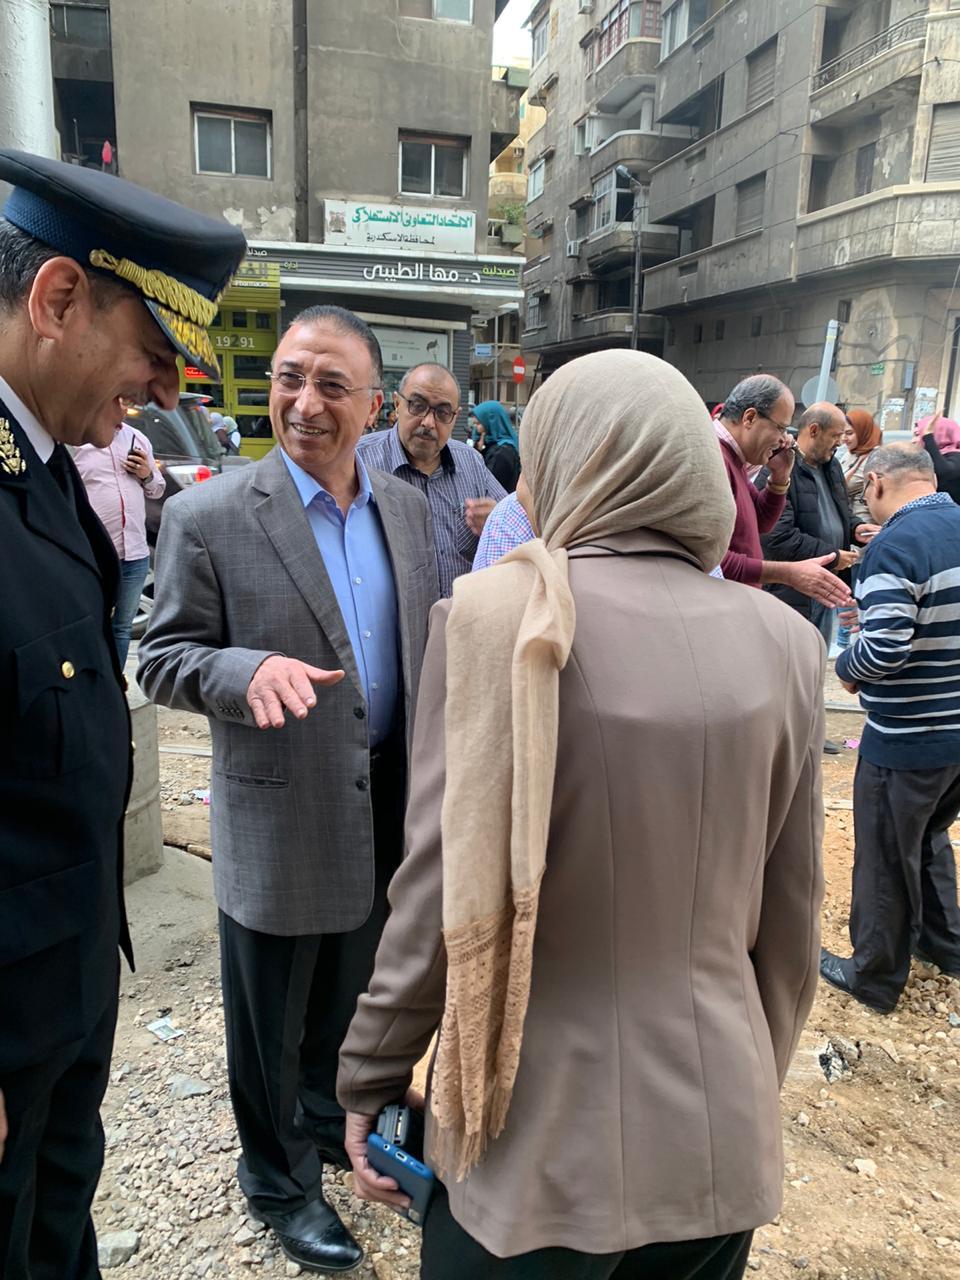 محافظ الاسكندرية يتفقد أعمال إعادة تأهيل مزلقان ترام الوزارة (3)